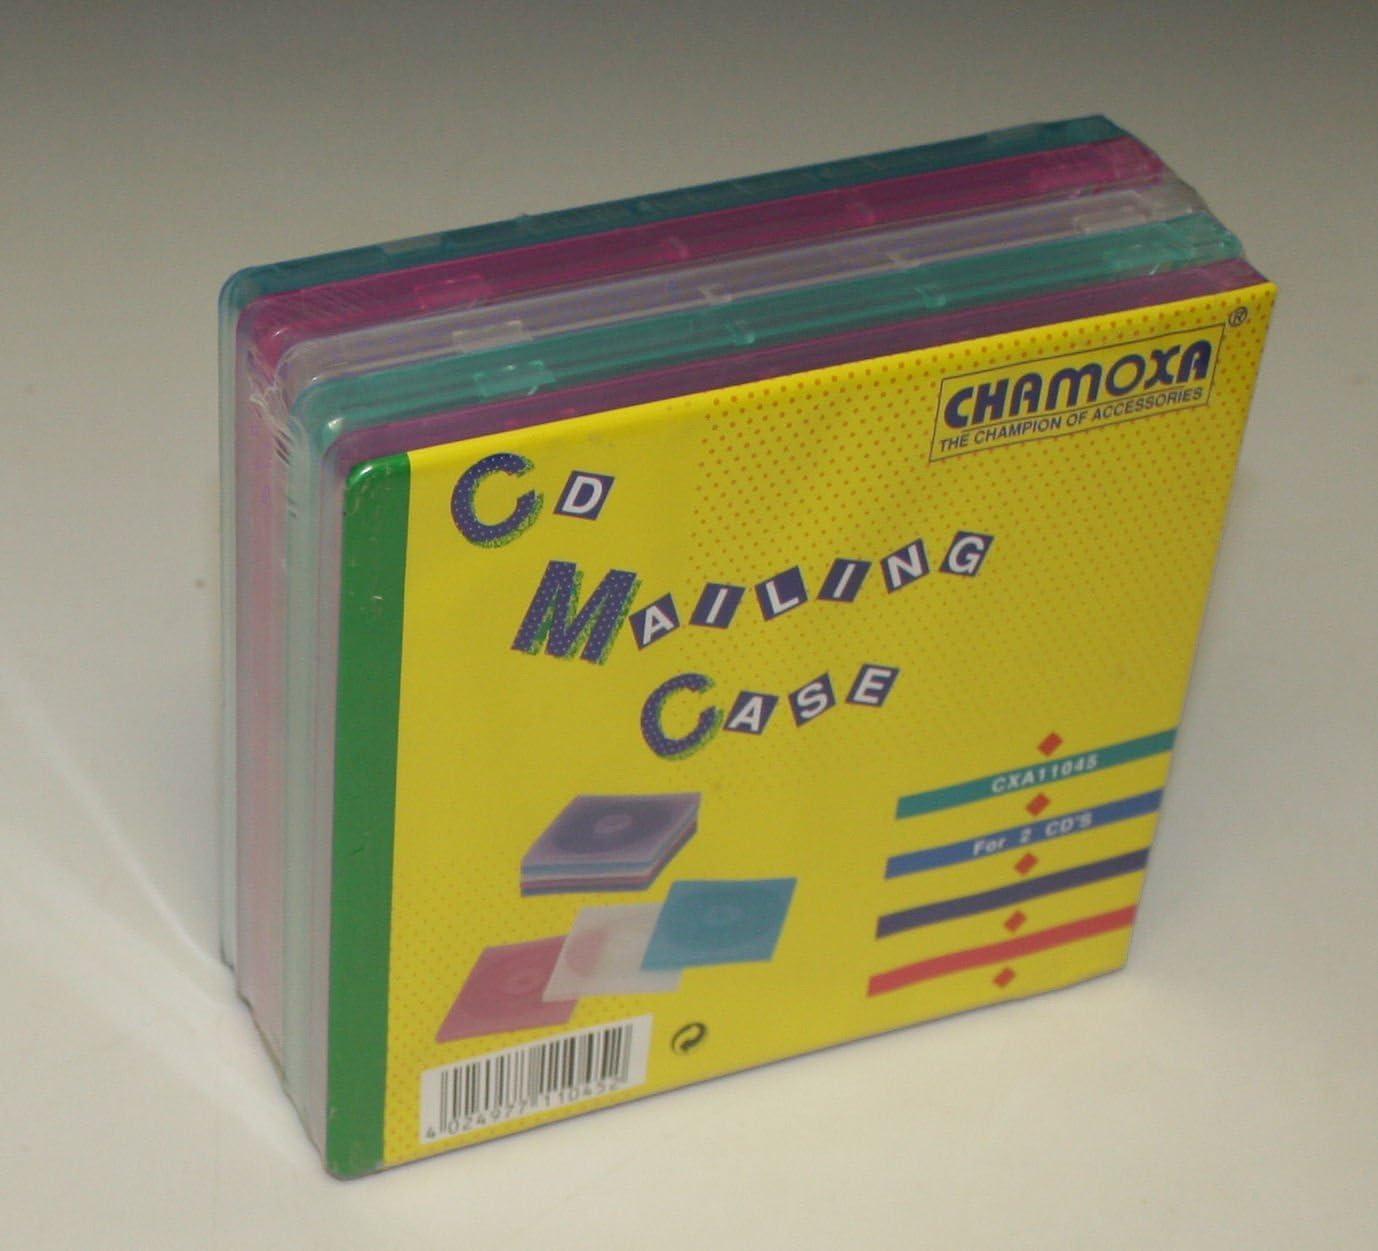 chamoxa 11045, CD vacía Fundas Color 2 x CD/DVD, 5 unidades: Amazon.es: Electrónica